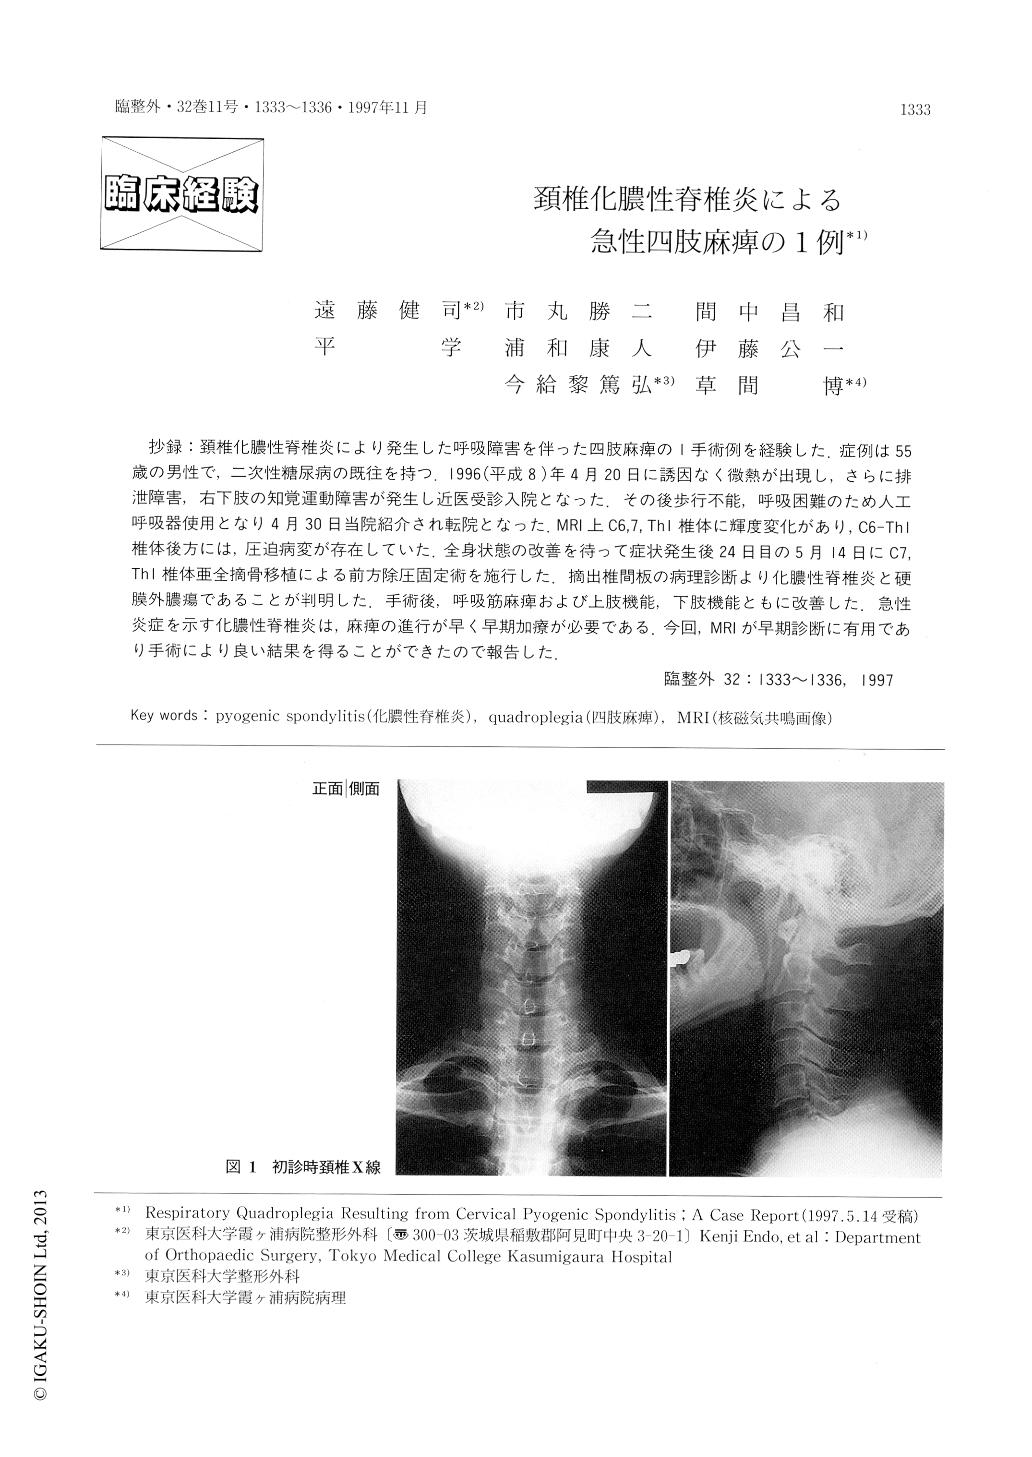 頸椎 硬 膜 外 膿瘍 脊髄硬膜外膿瘍 - 07. 神経疾患 -